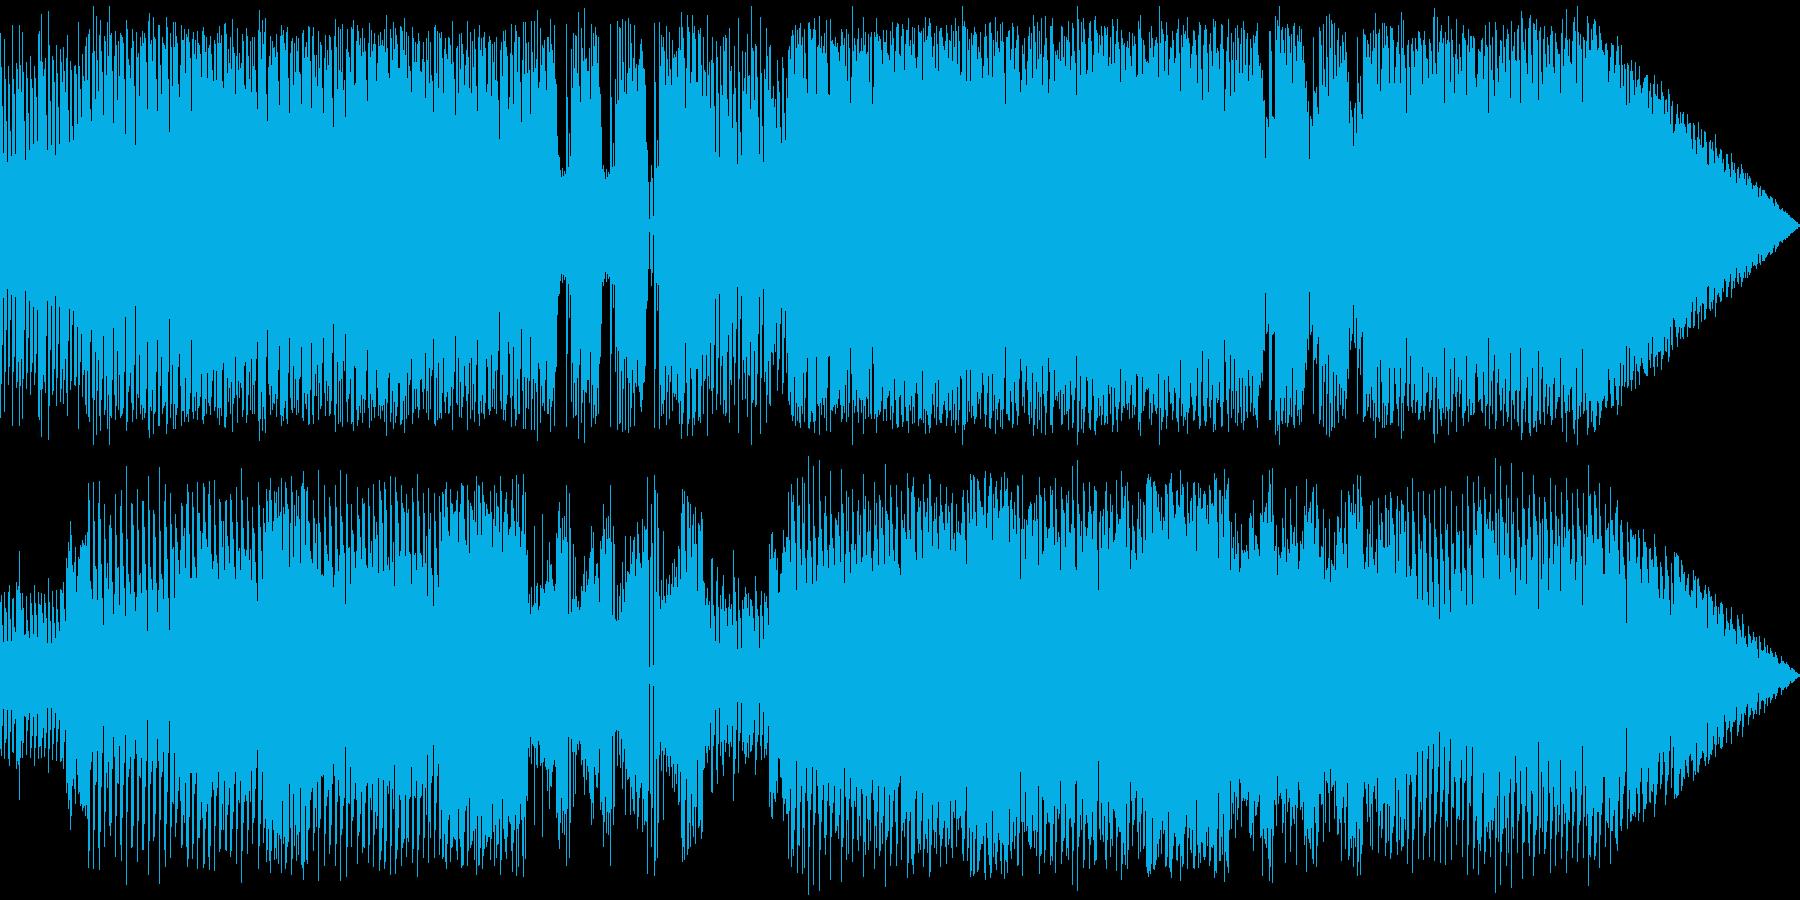 レトロなファミコン音でスタイリッシュ戦闘の再生済みの波形